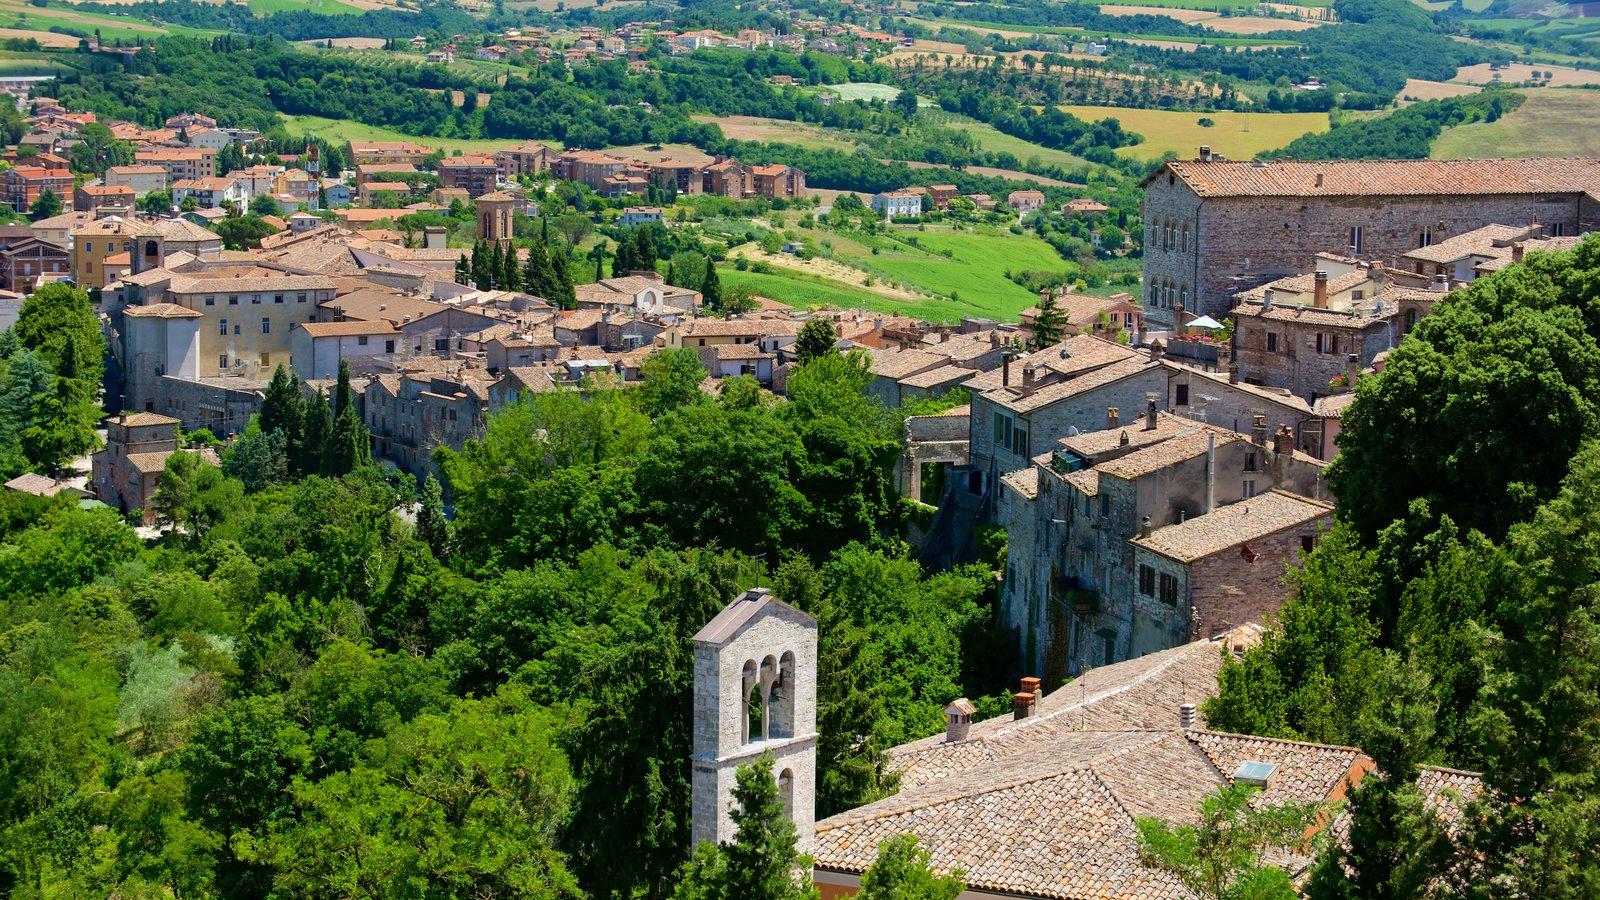 Todi ofreciendo una pequeña ciudad o pueblo y vistas de paisajes